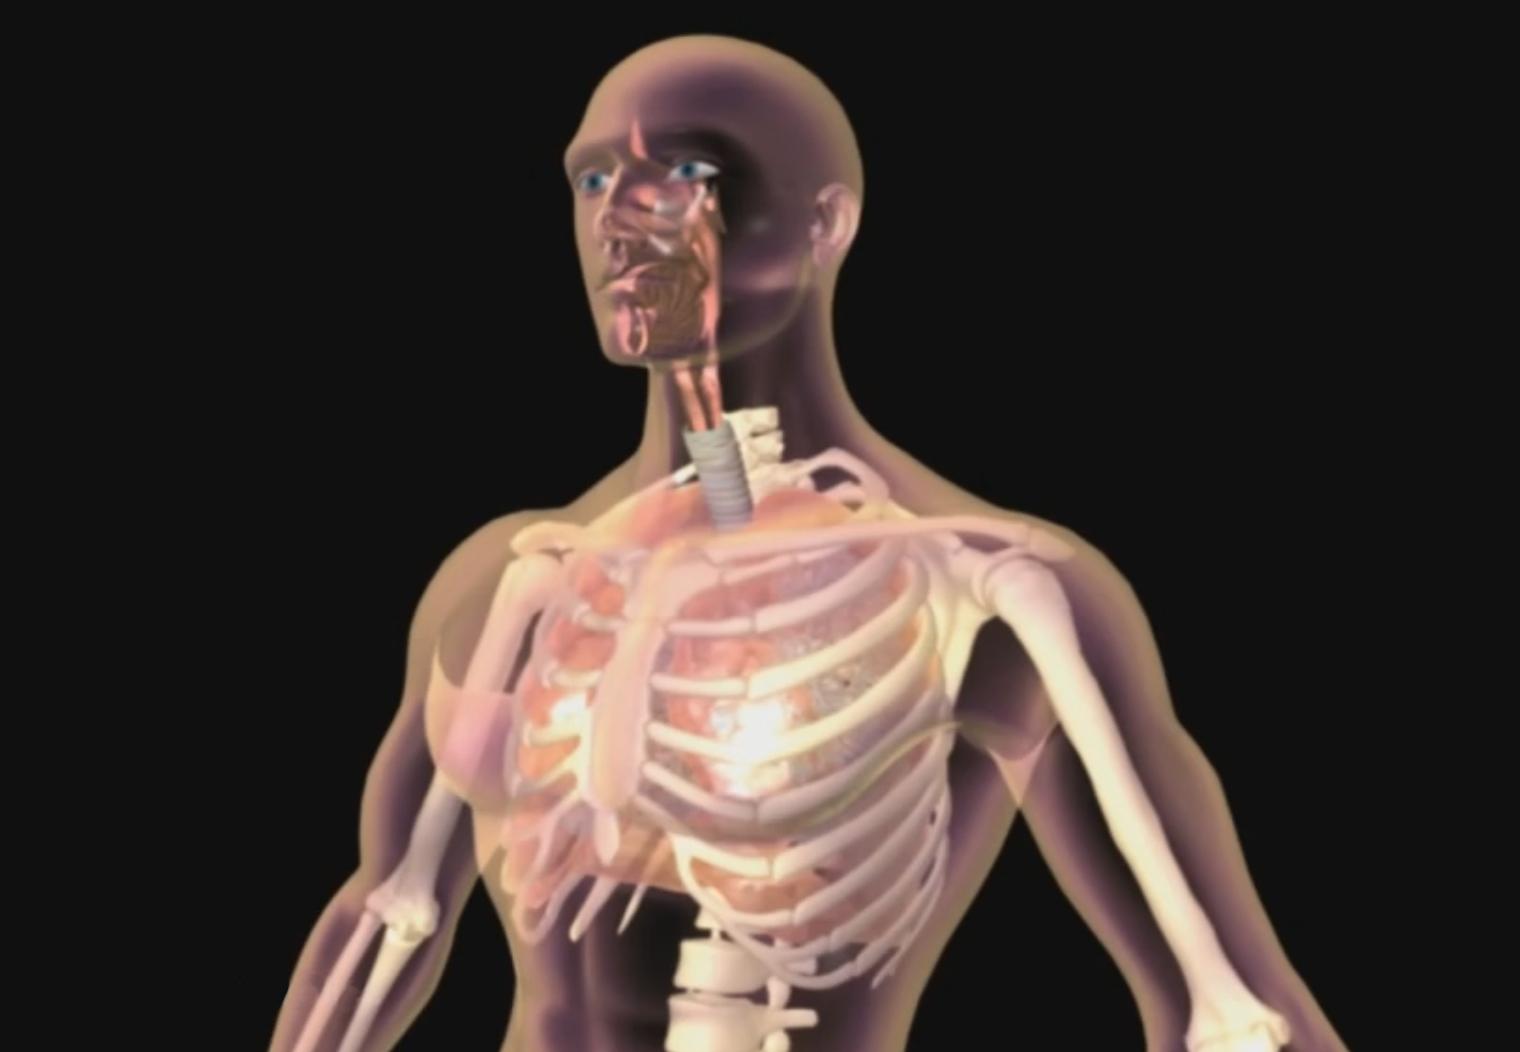 Didaktische DVD Unser Körper in 3D - Atmung | Hagemann